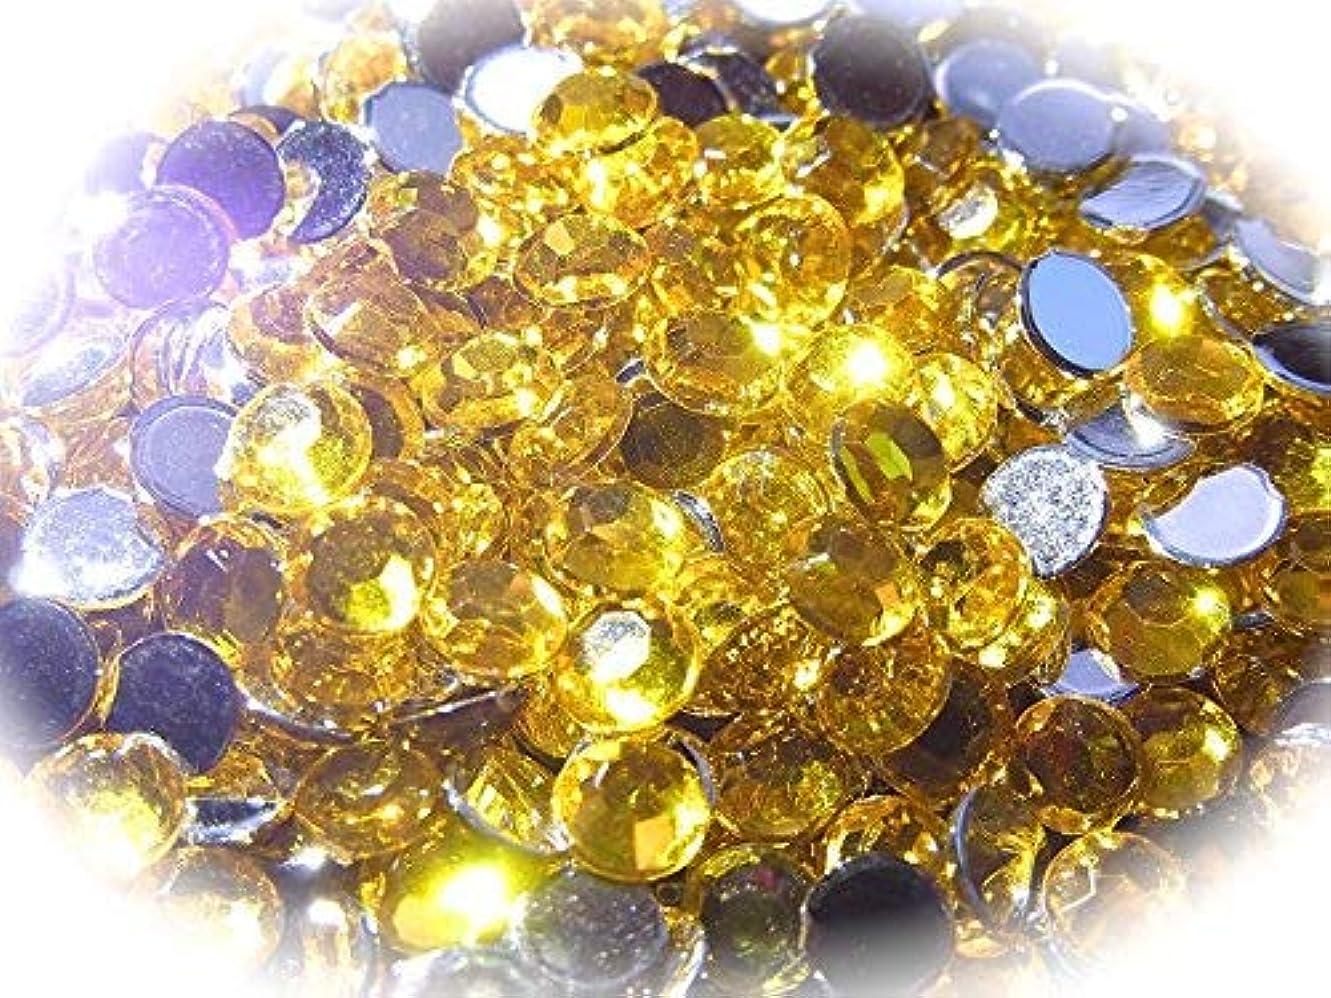 ベイビー発生する鋼【jewel】ls1 最高品質 ラインストーン 1.5mm?5mm グルーデコ (1.5mm(300粒), イエロー)